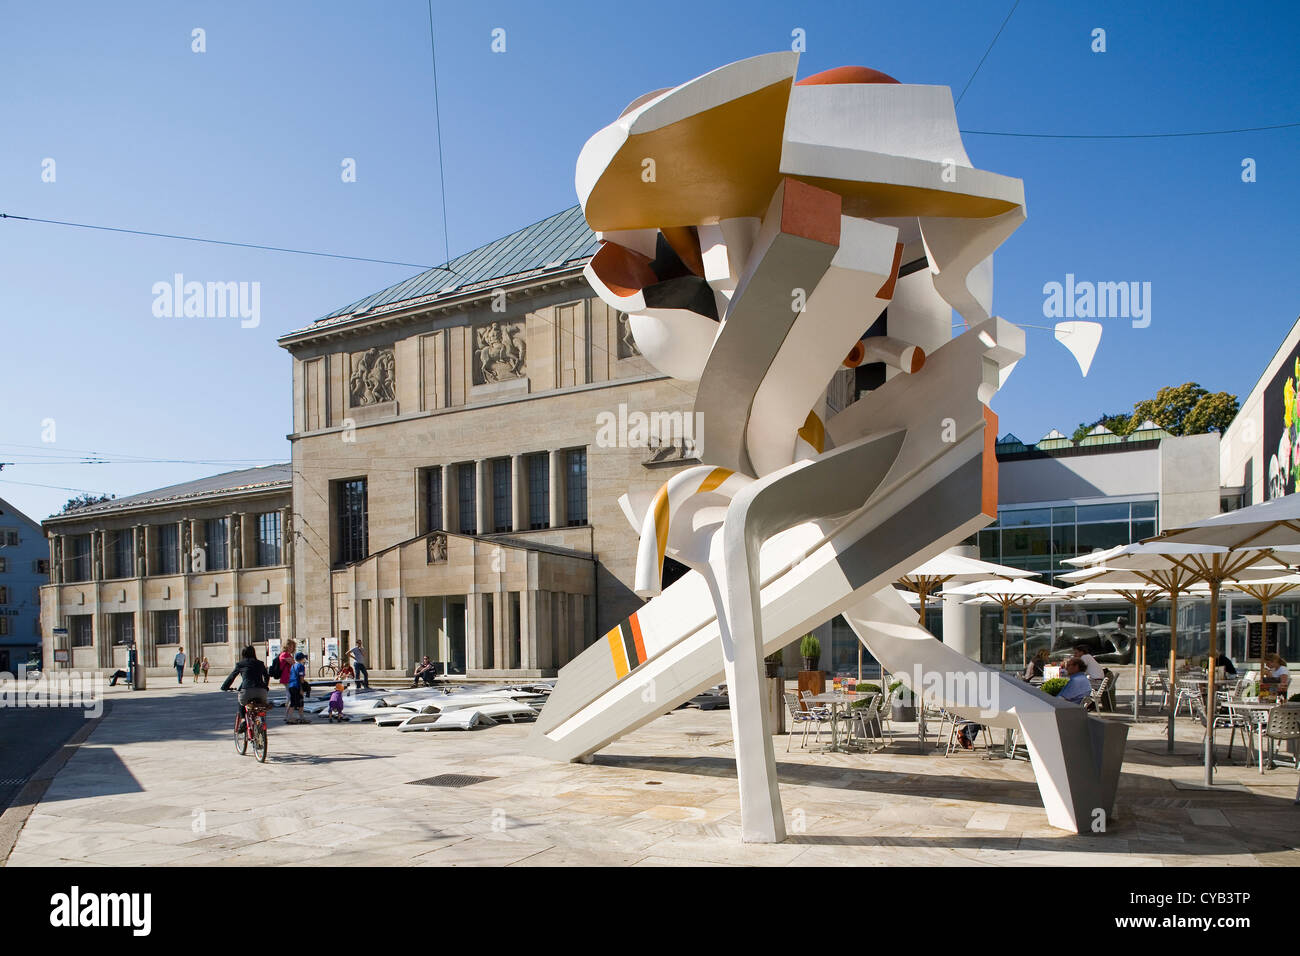 L'Europa, la Svizzera, Zurigo, Kunsthaus, museo d'arte, fanfare, scultura da Robert muller e Walter berchtler Immagini Stock